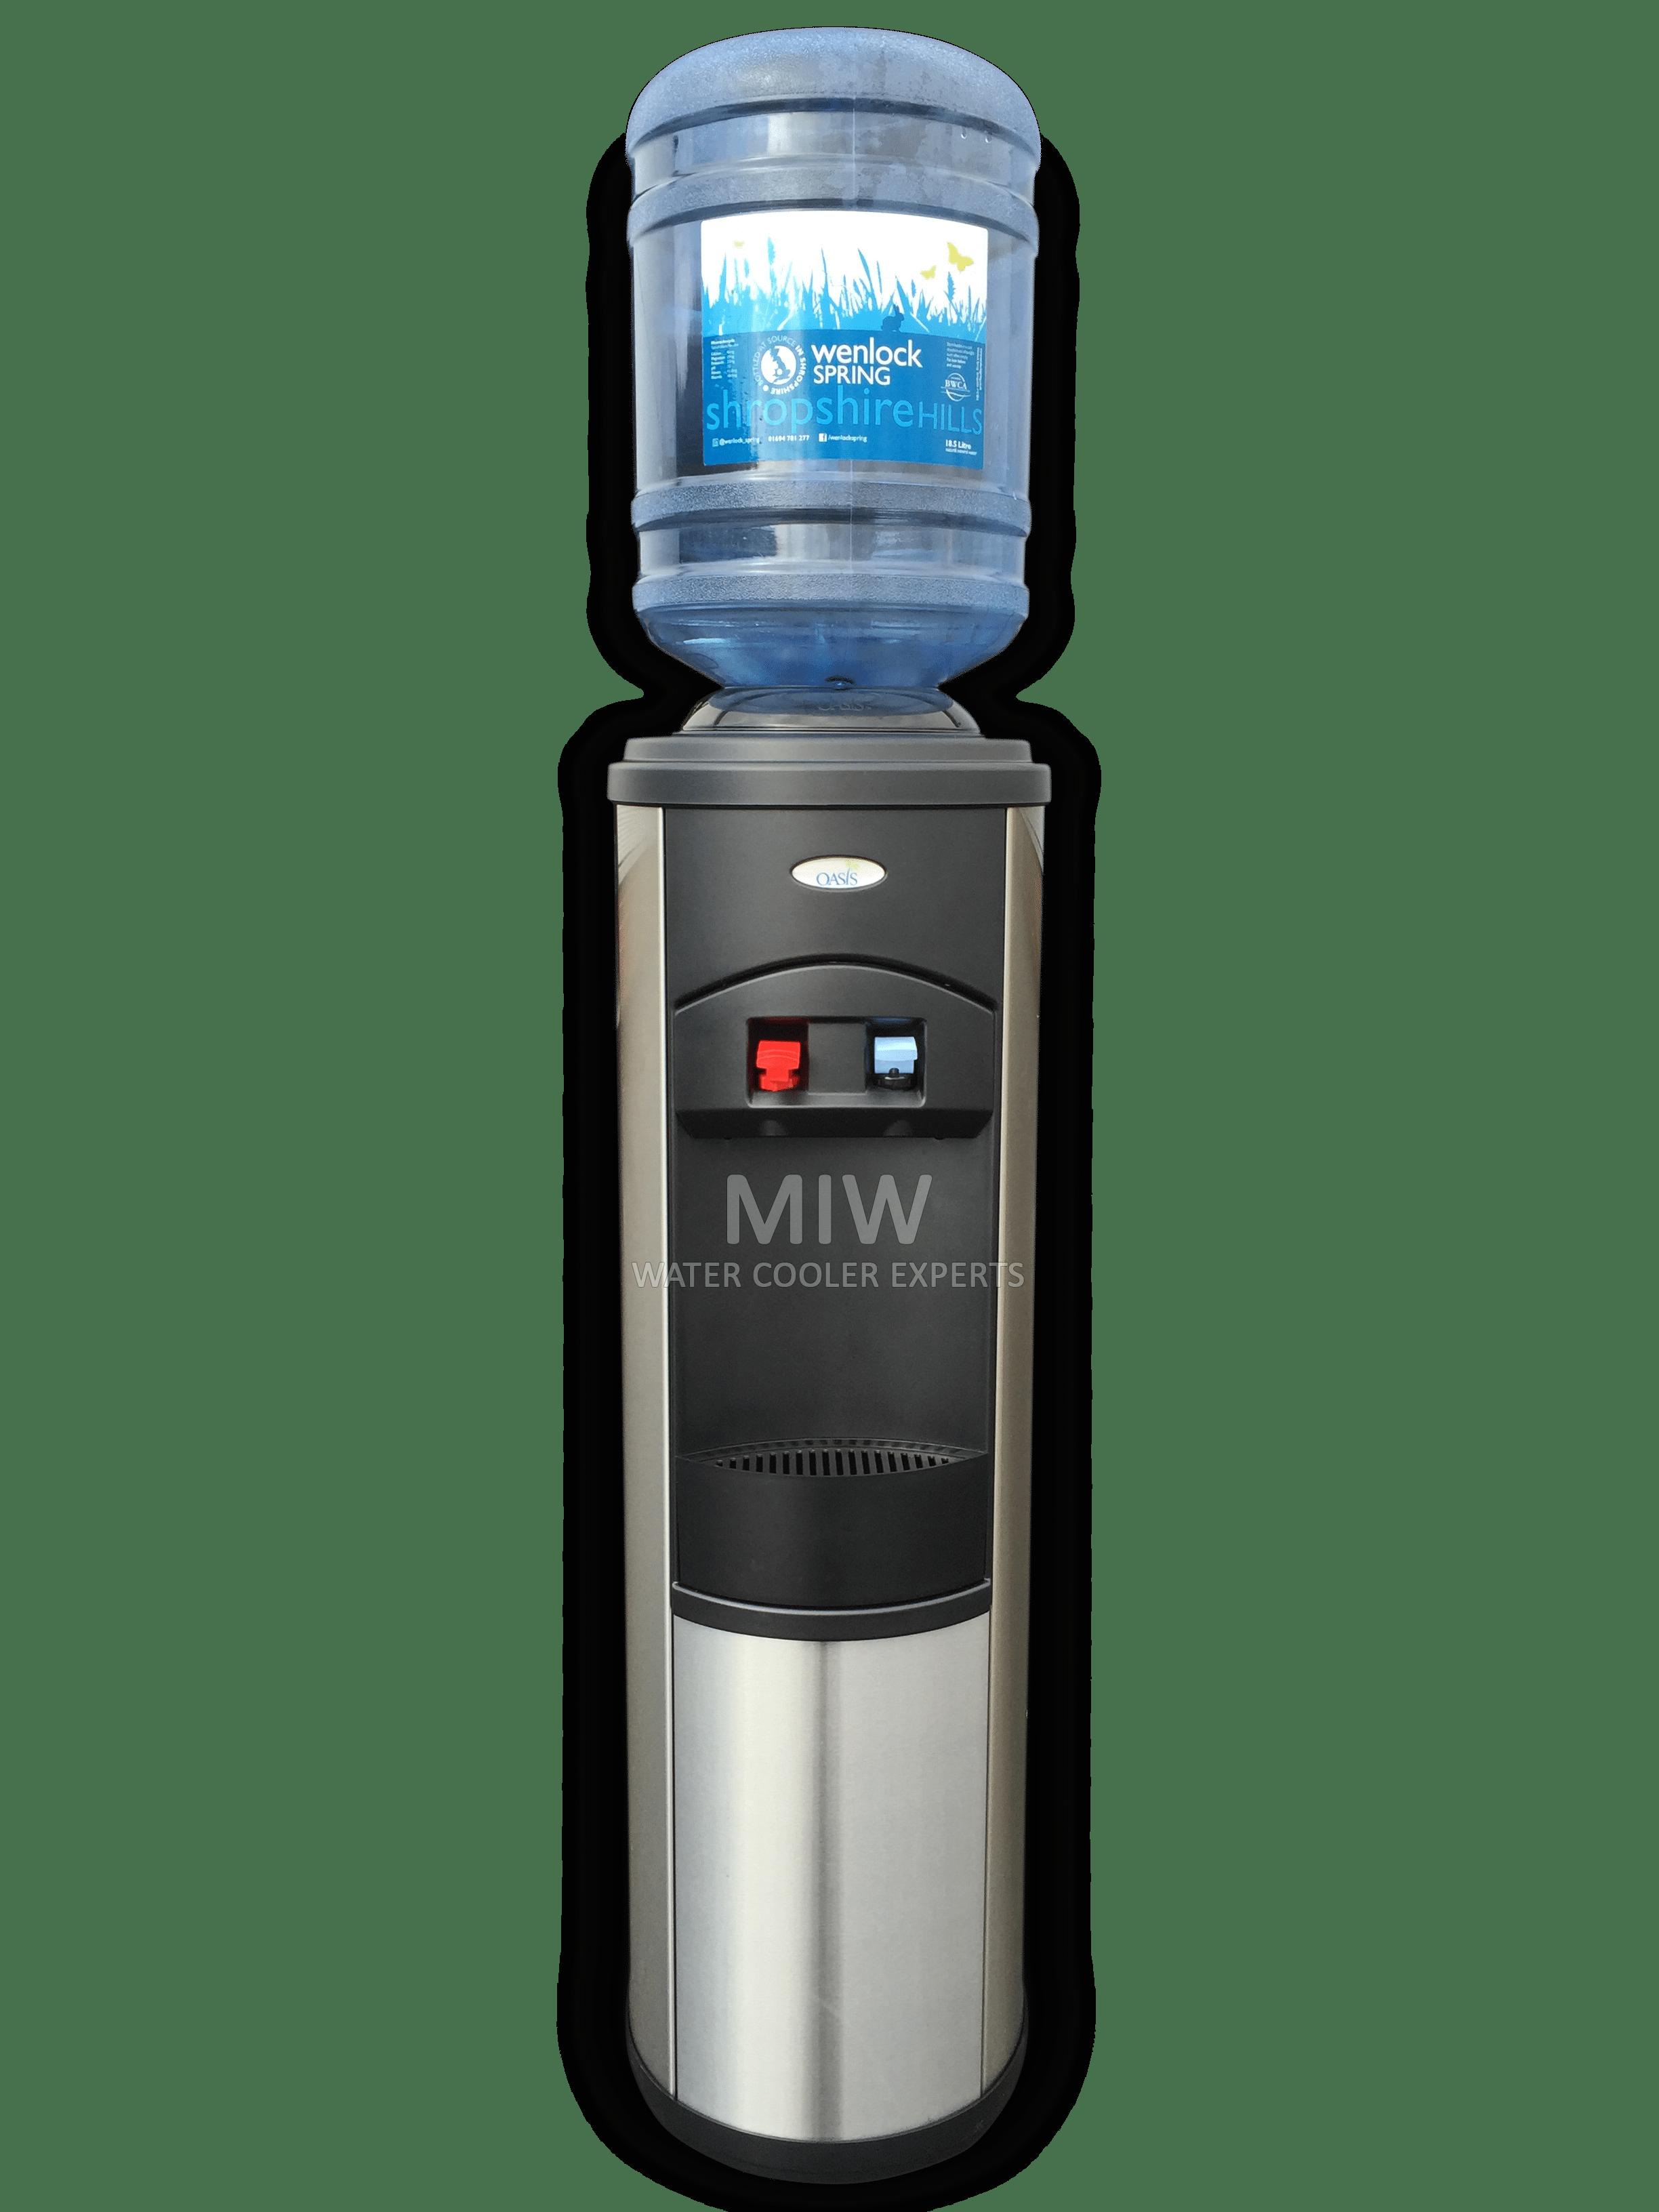 Oasis Bottle Water Cooler MIW